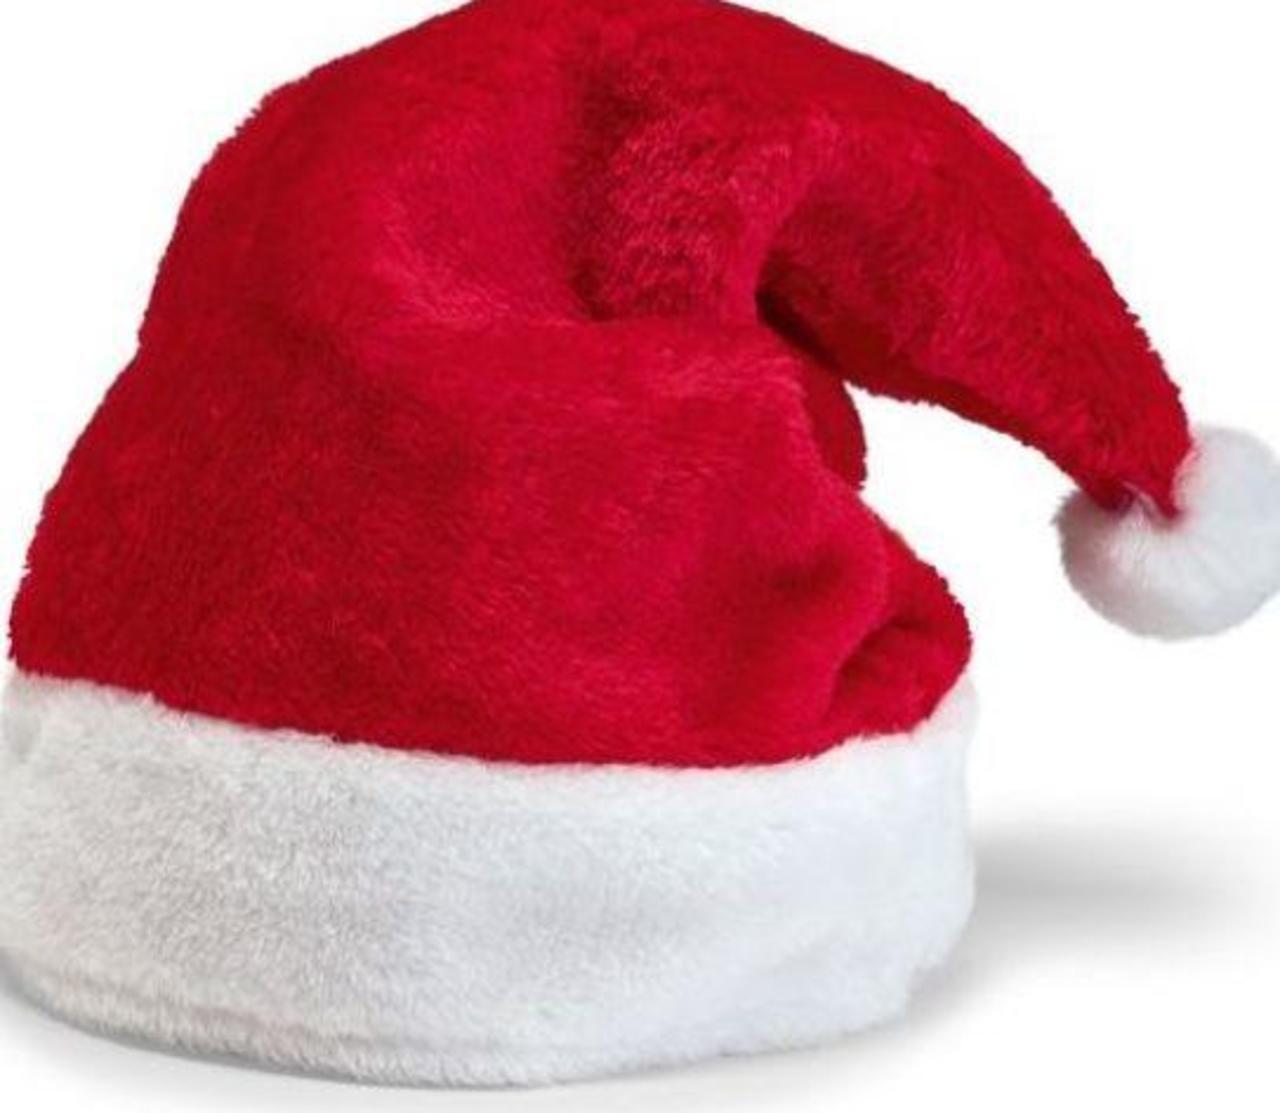 Seine-Saint-Denis : les costumes de Père Noël étaient imprégnés de cocaïne